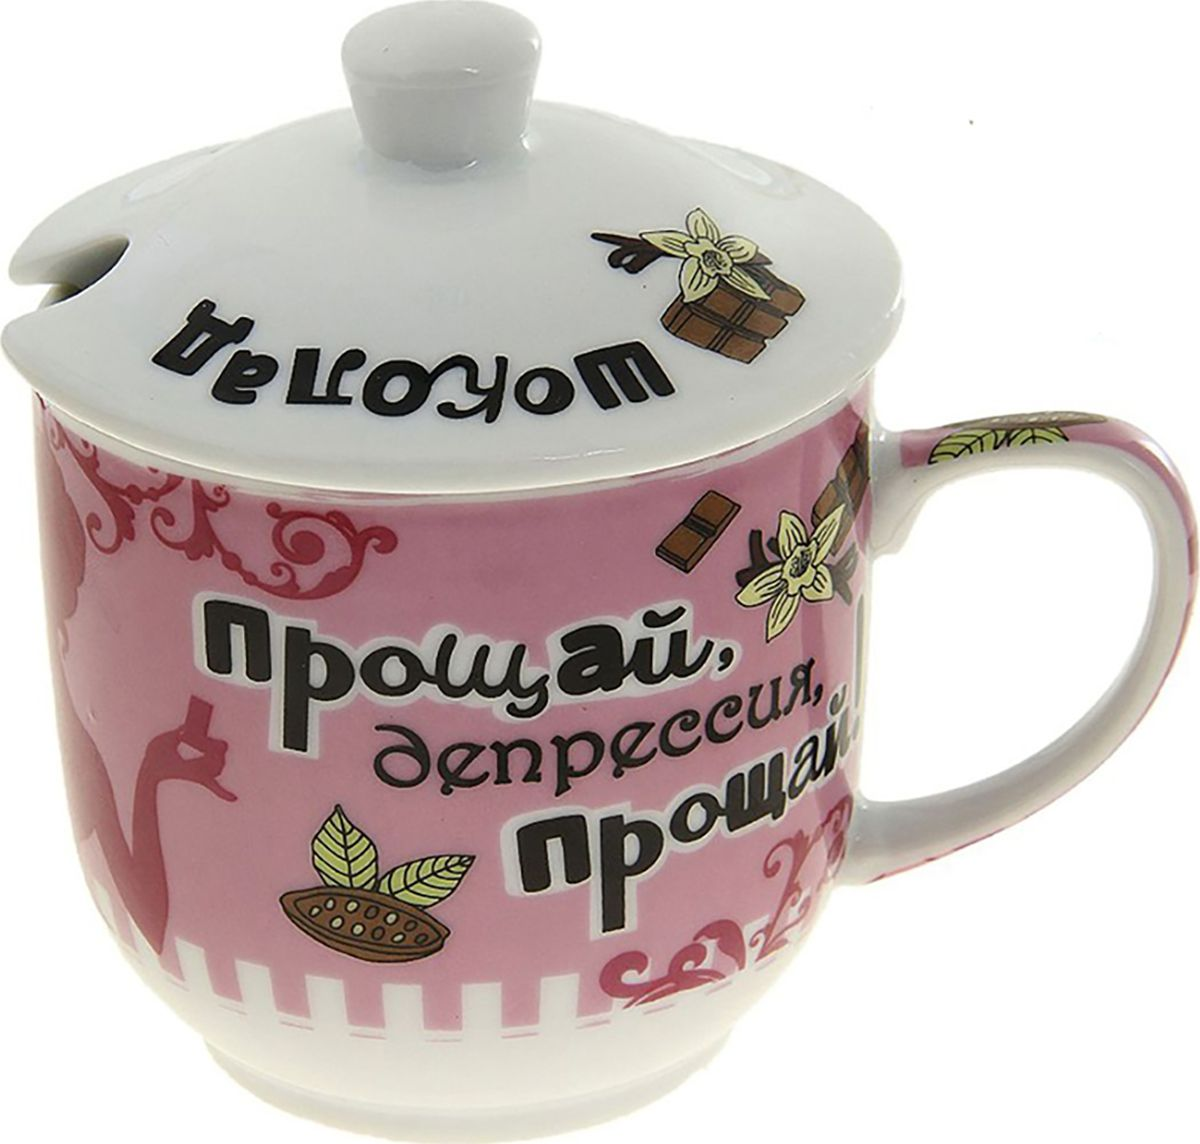 Заварочная кружка создана специально для настоящих ценителей чая! Эксклюзивный дизайн никого не оставит равнодушным, ведь так приятно наслаждаться любимым ароматным напитком, да еще и из оригинальной посуды!   В комплект входят: крышка, ситечко и чайная ложка.